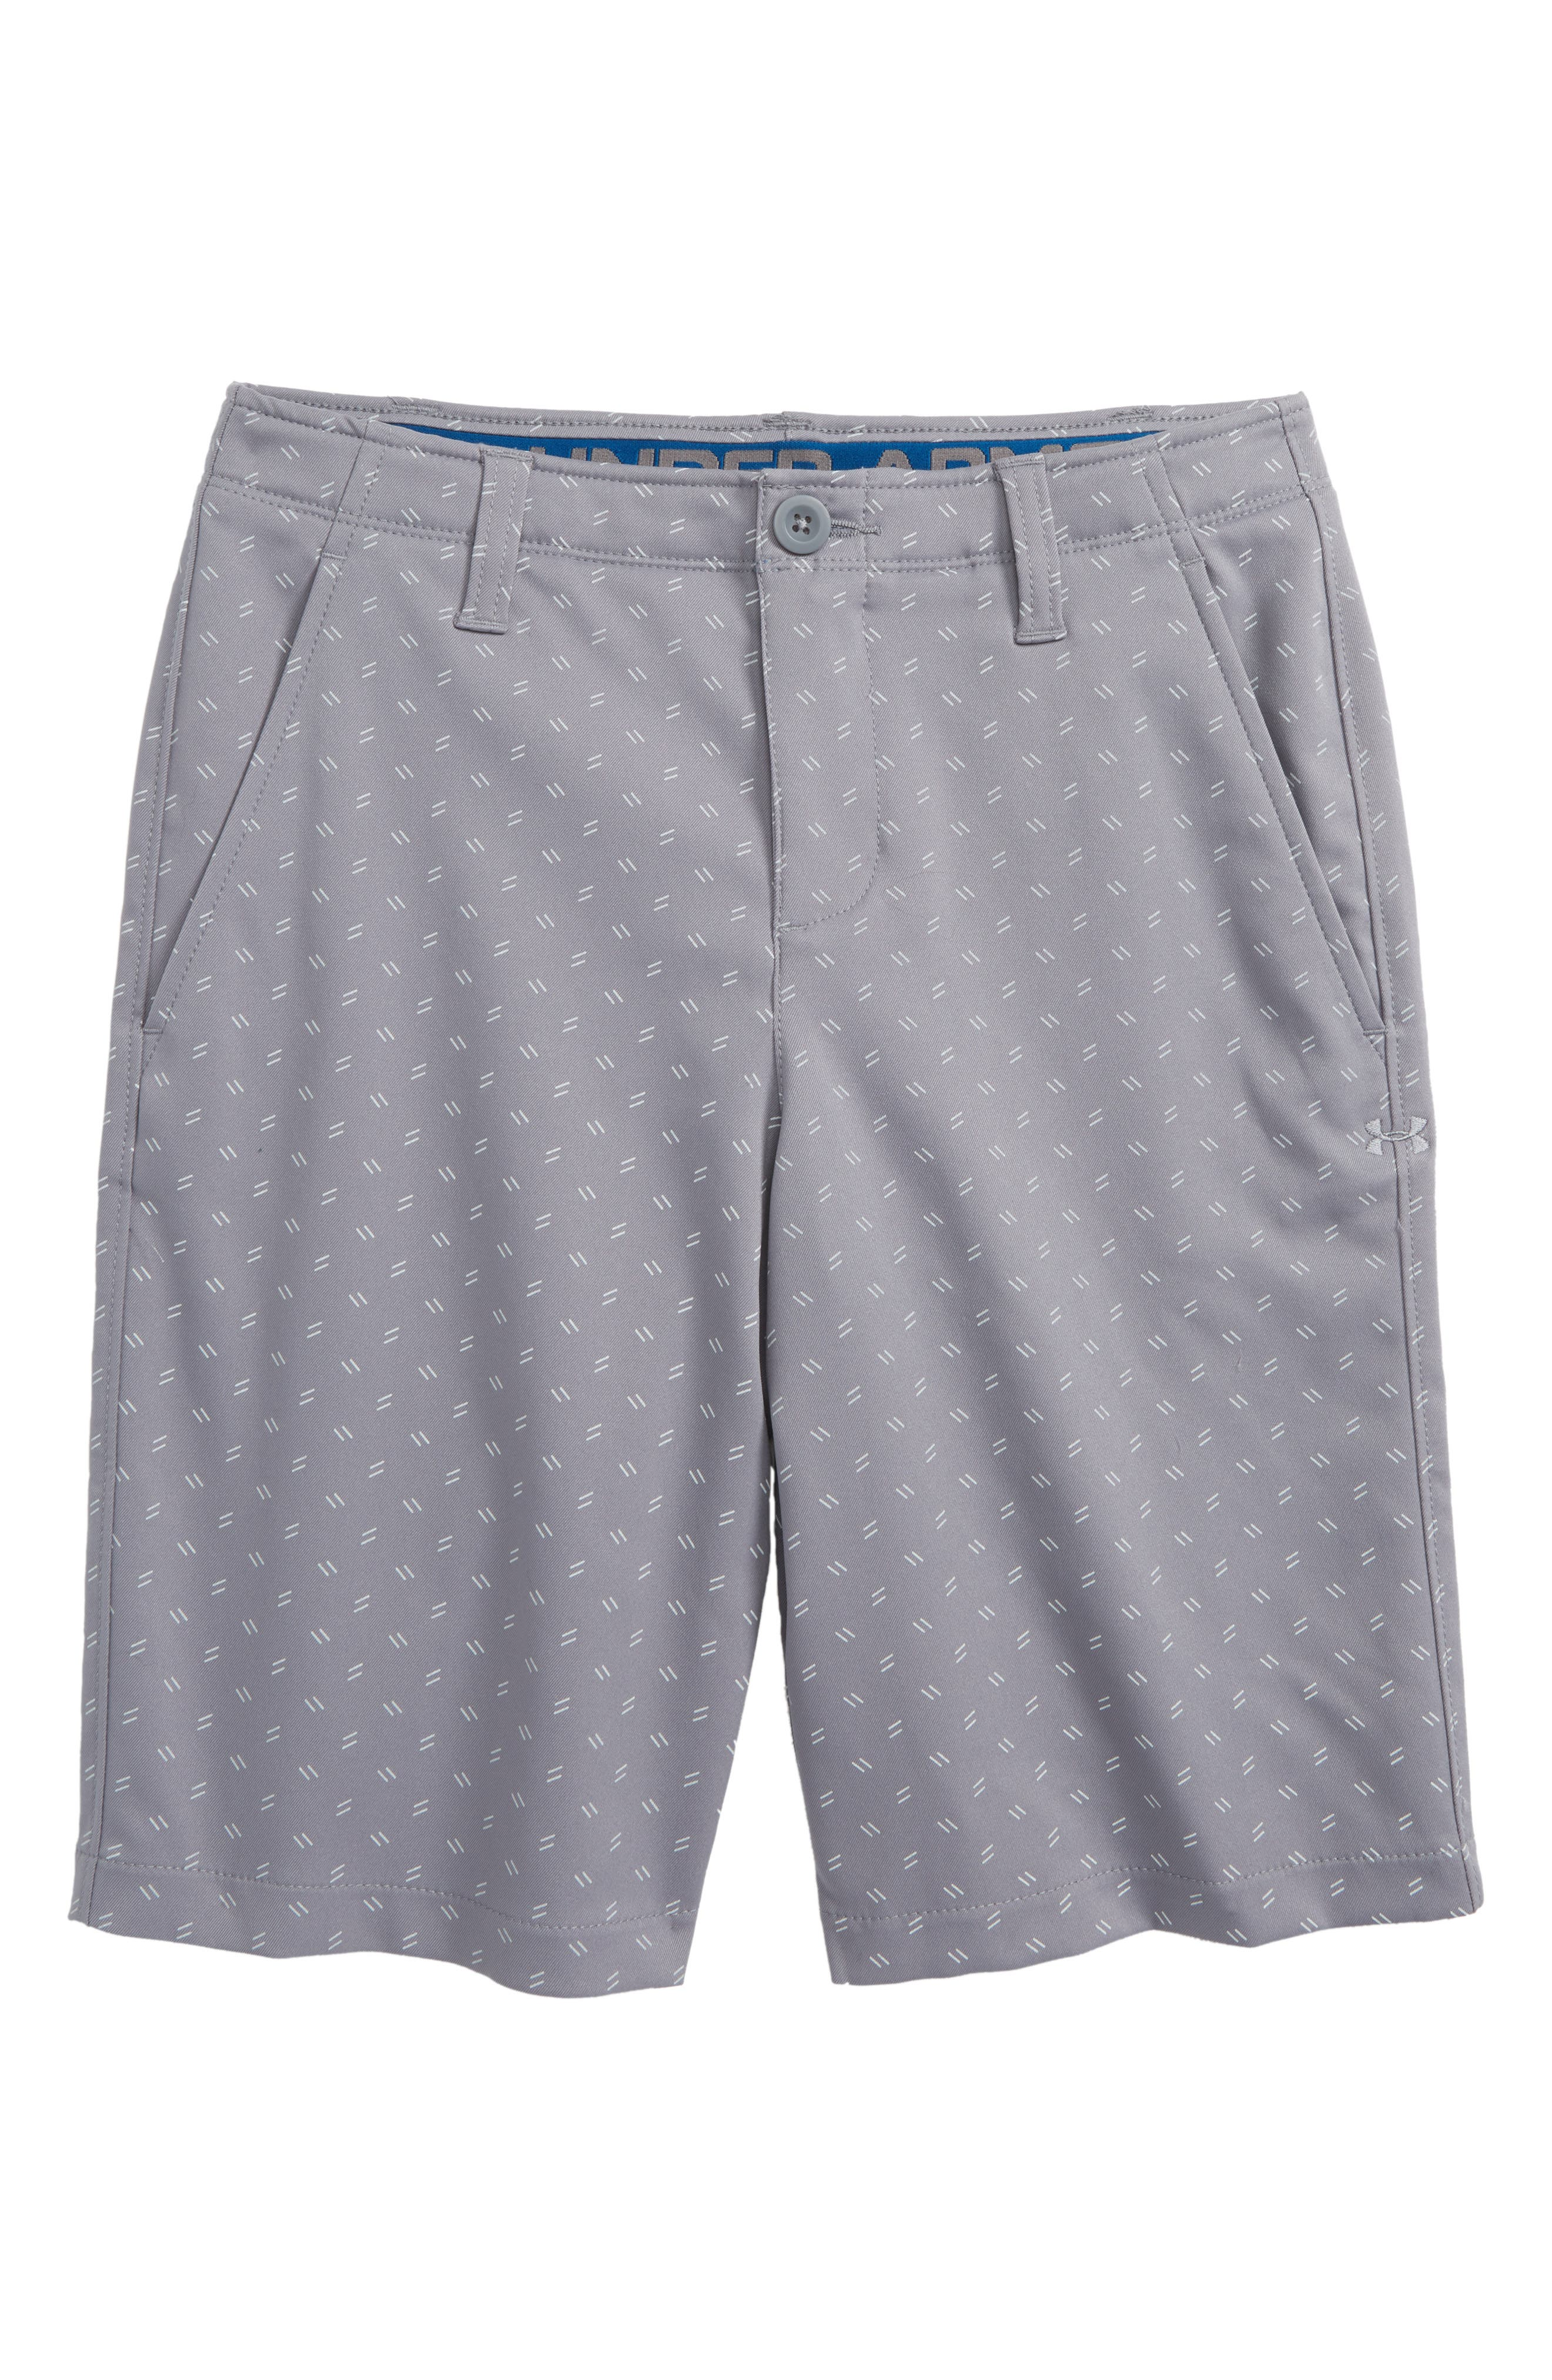 Match Play Golf Shorts,                             Main thumbnail 1, color,                             021